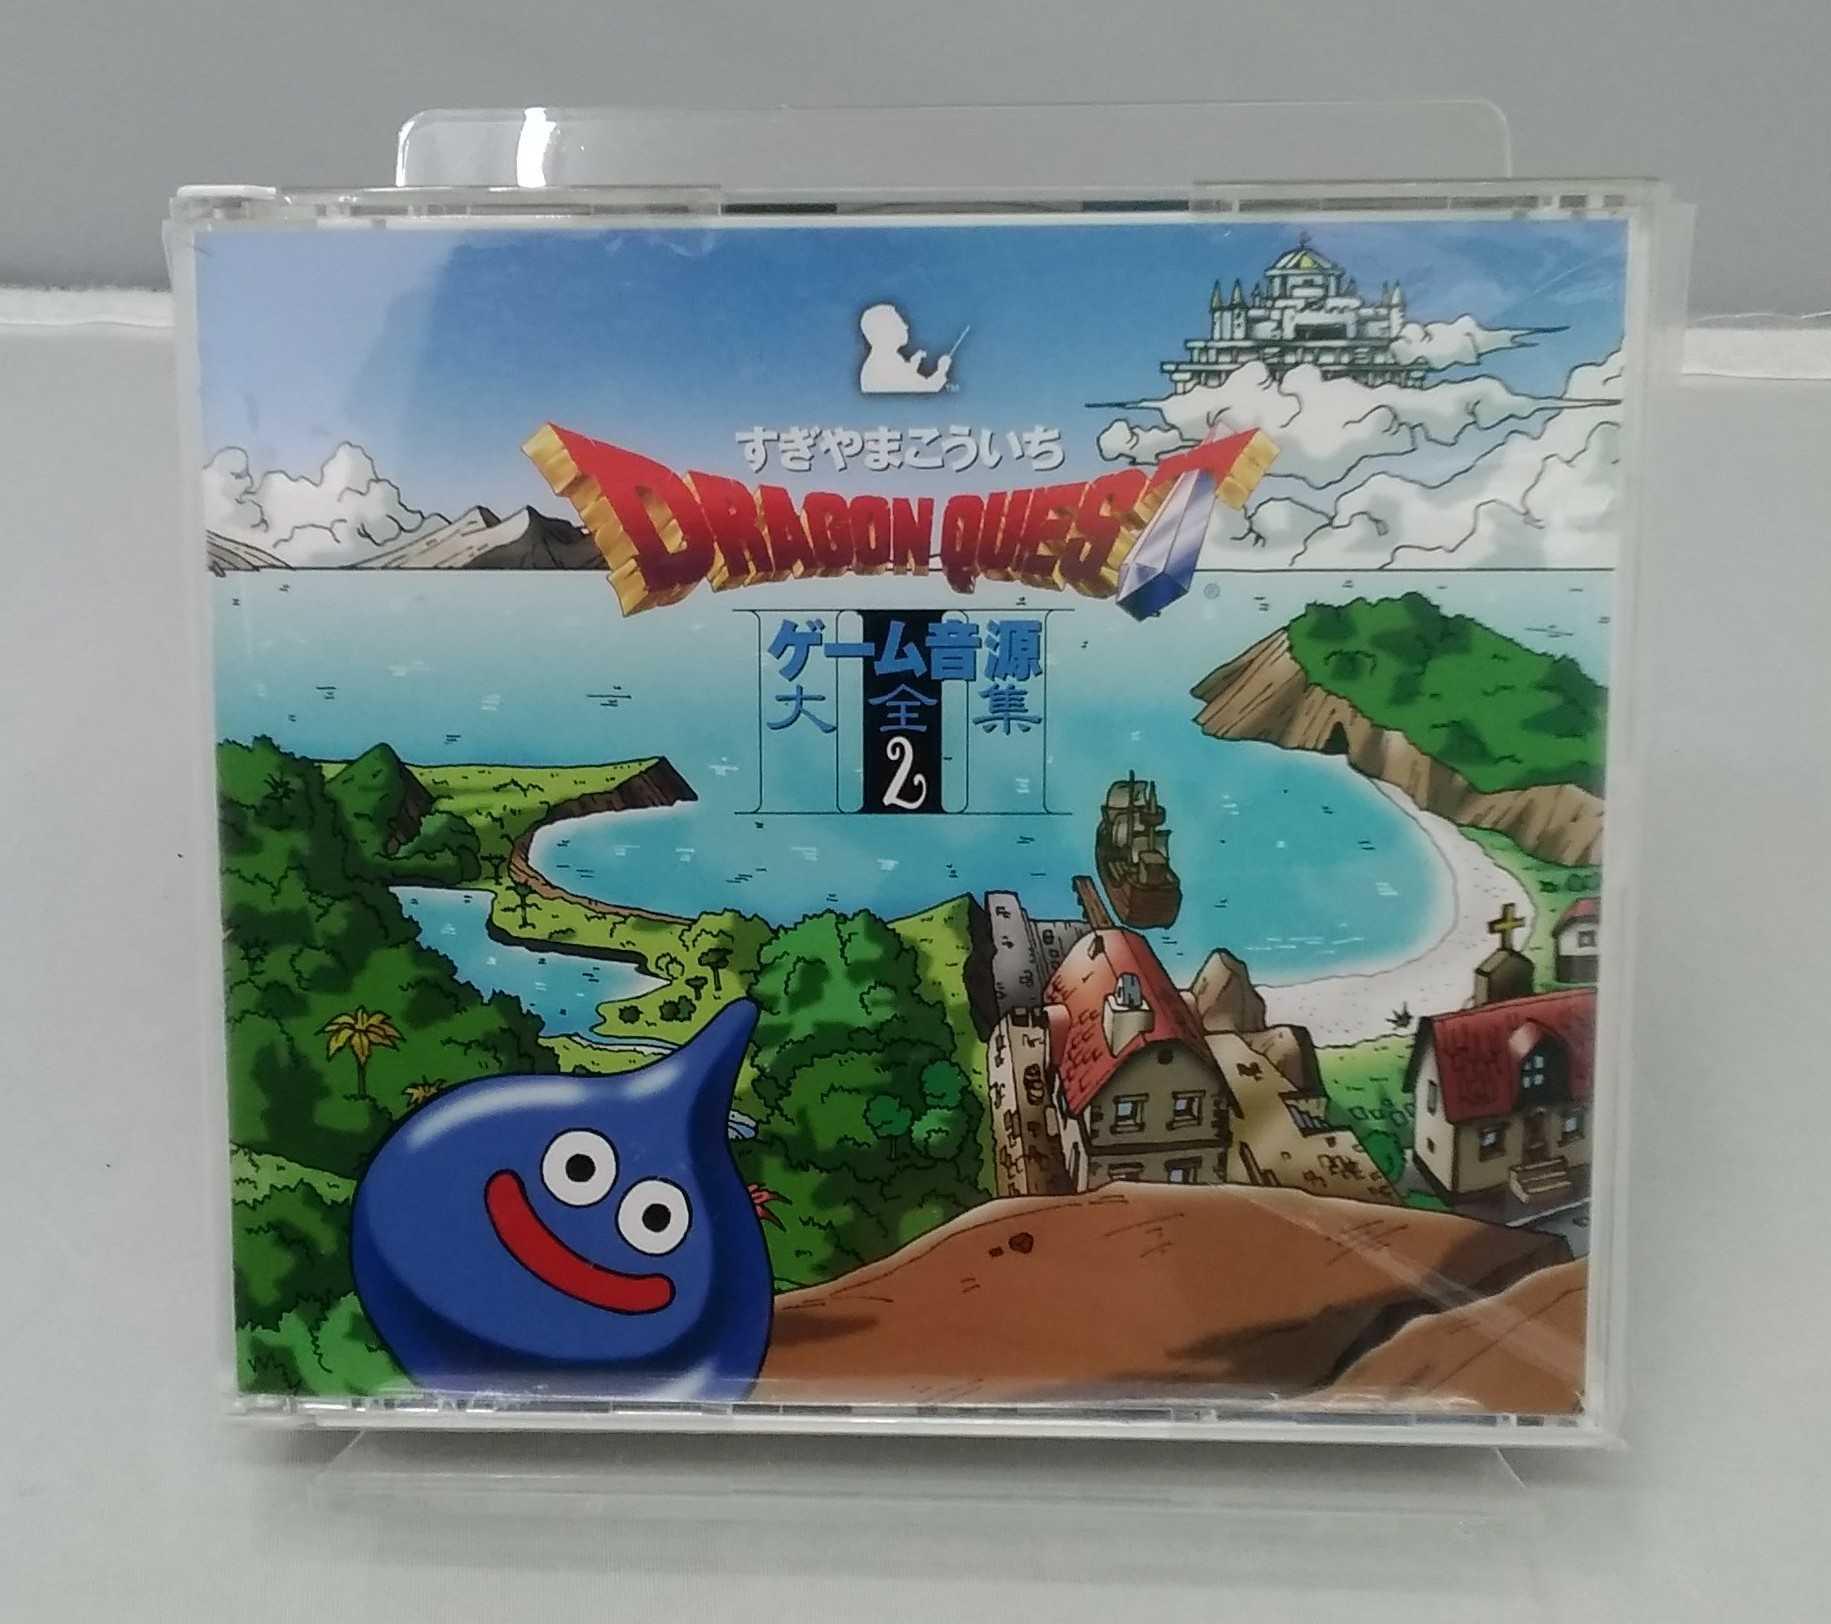 ドラゴンクエストゲーム音楽大全集|SUGIレーベル